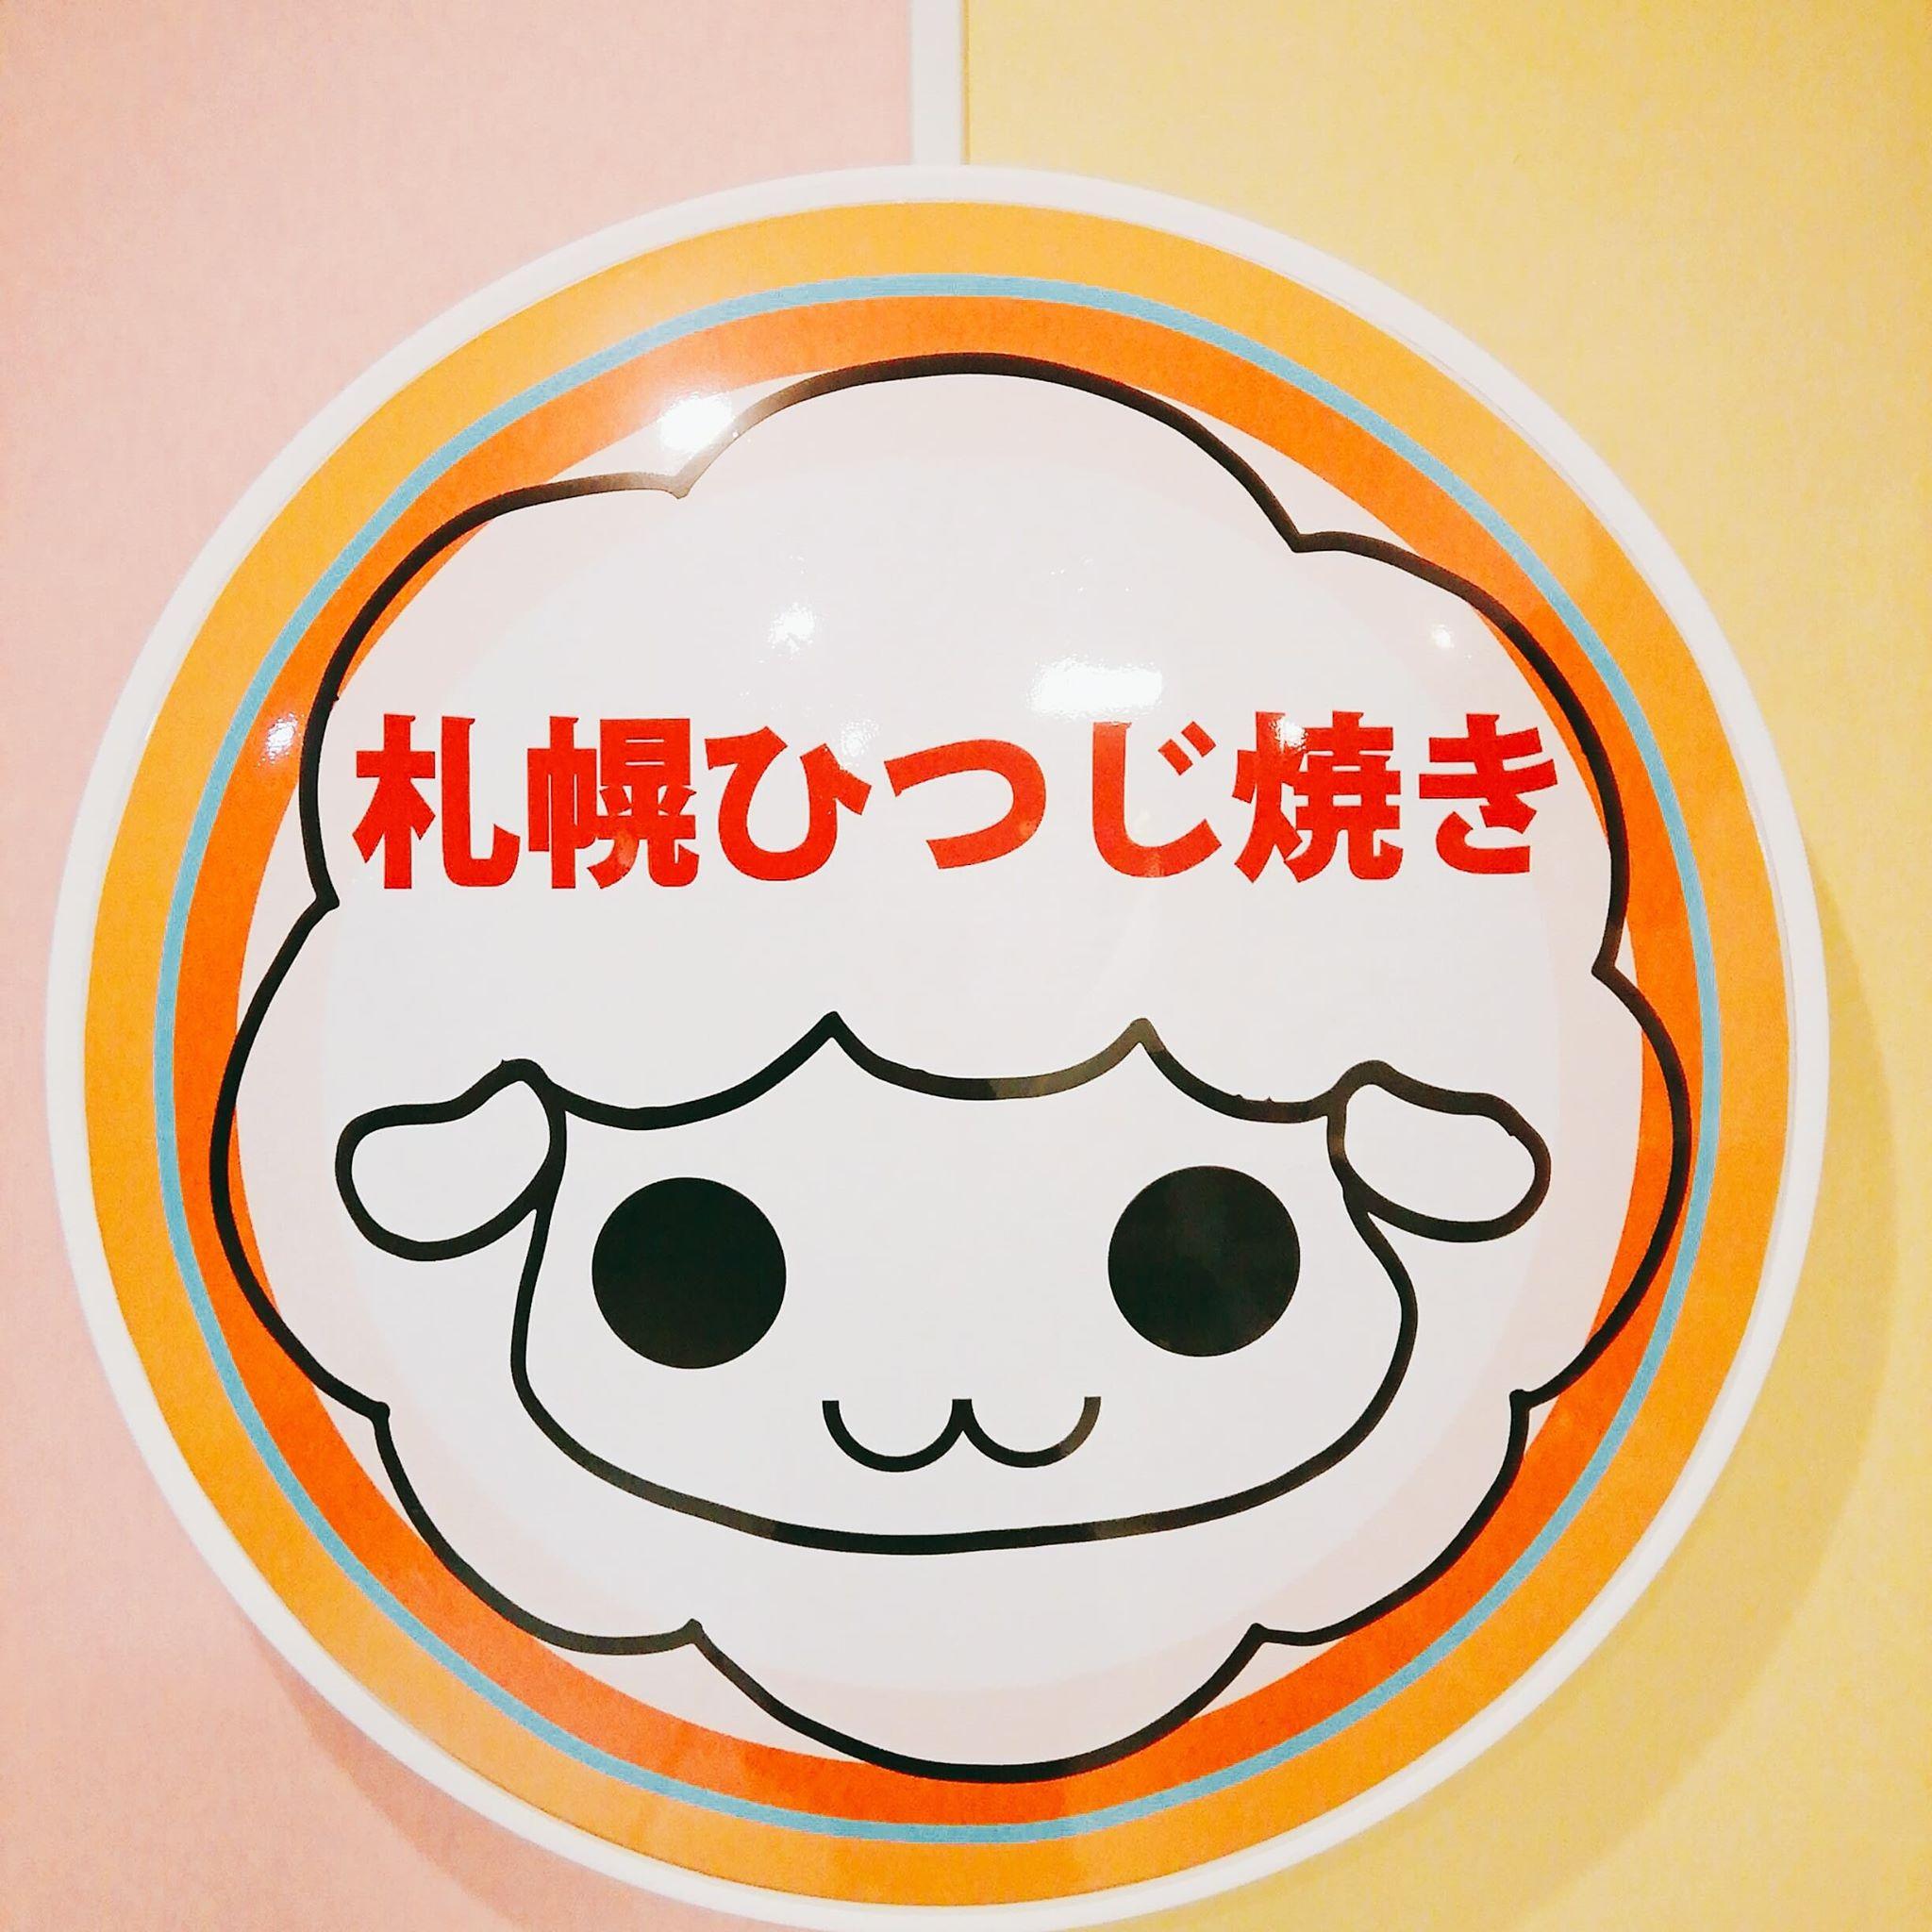 札幌ひつじ焼き サイン